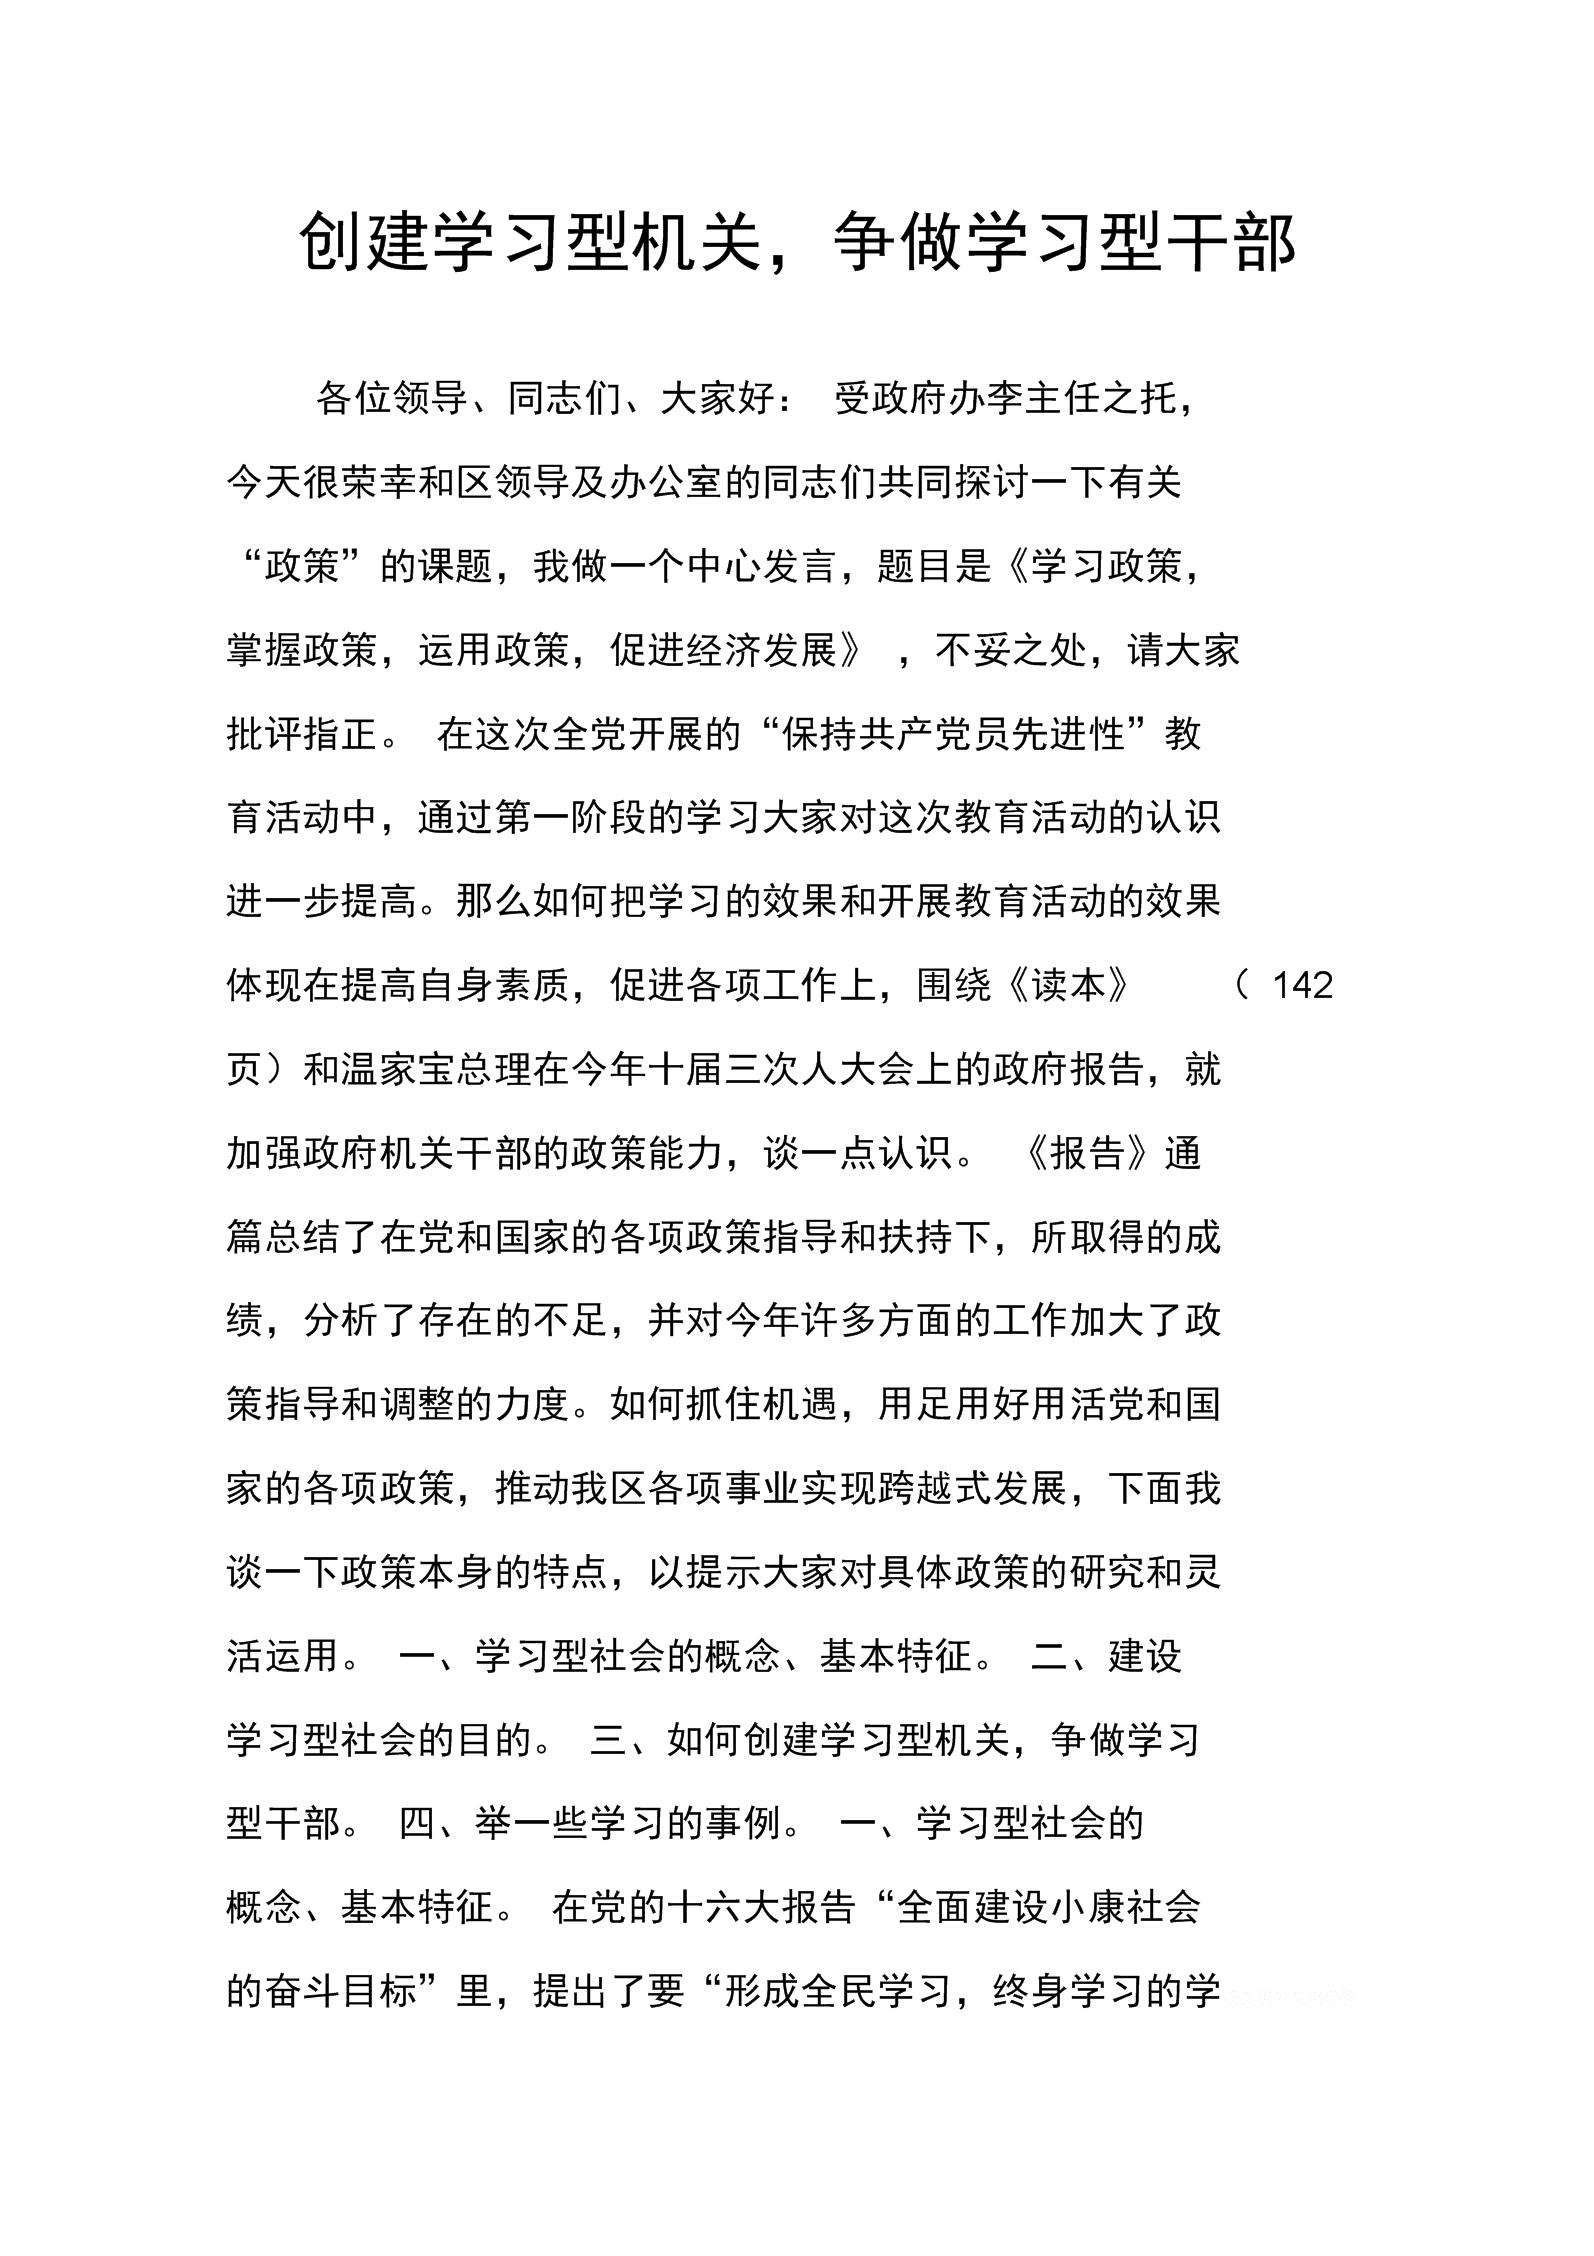 《创建学习型机关,争做学习型干部》.docx